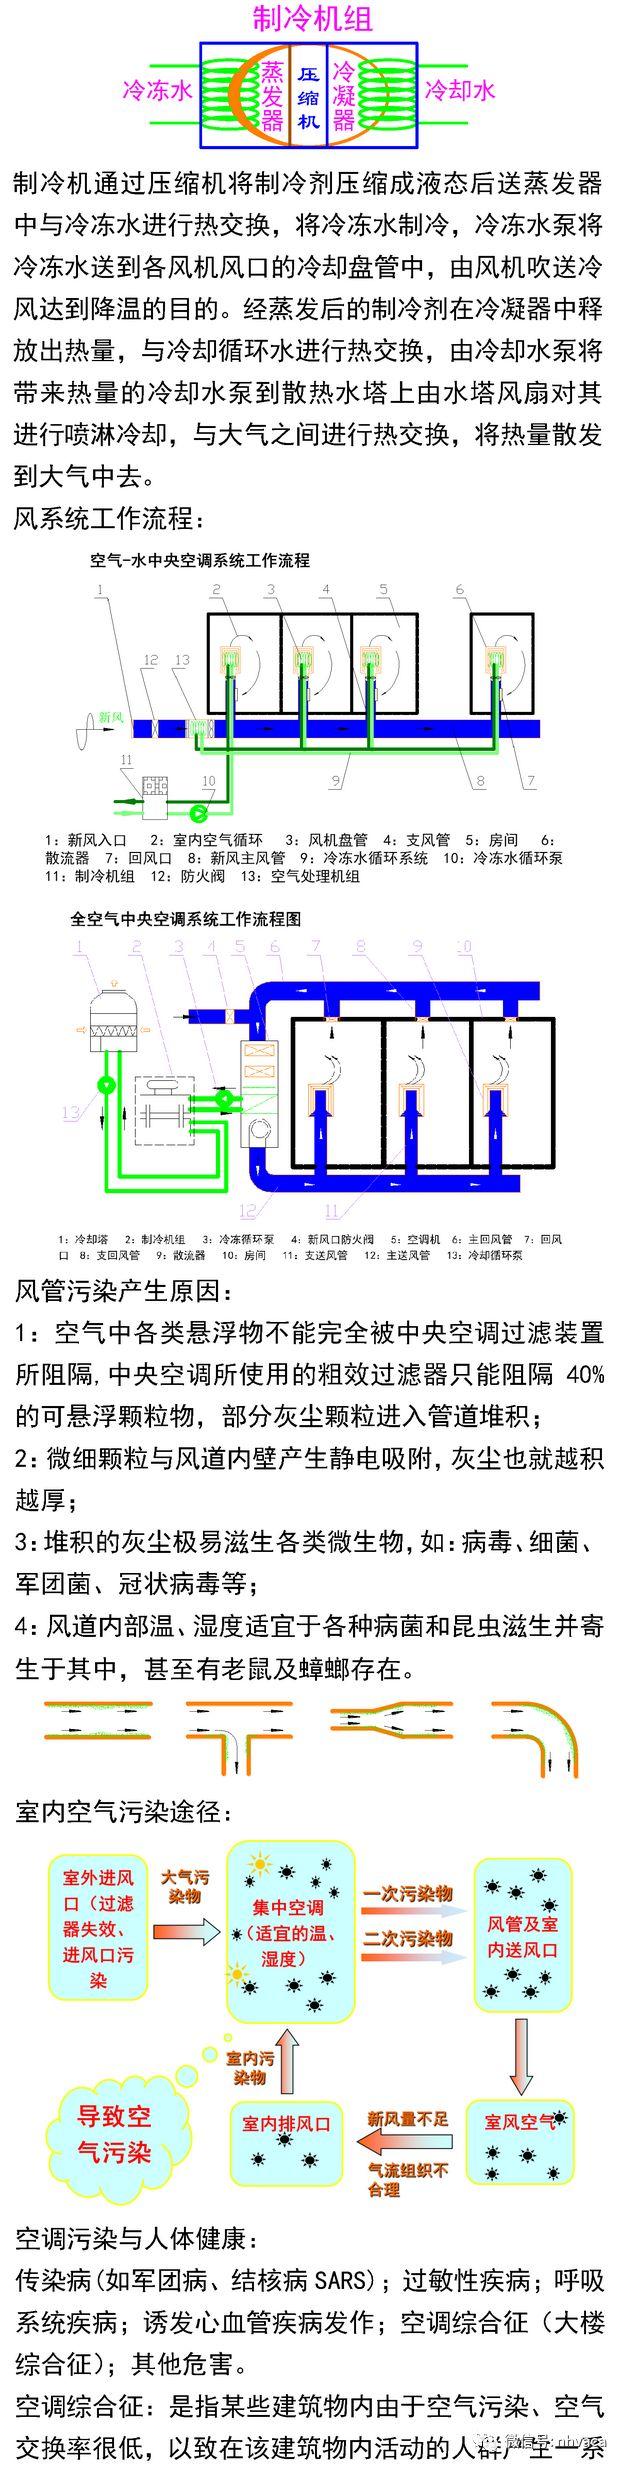 中央空调与风管系统清洗实操_2